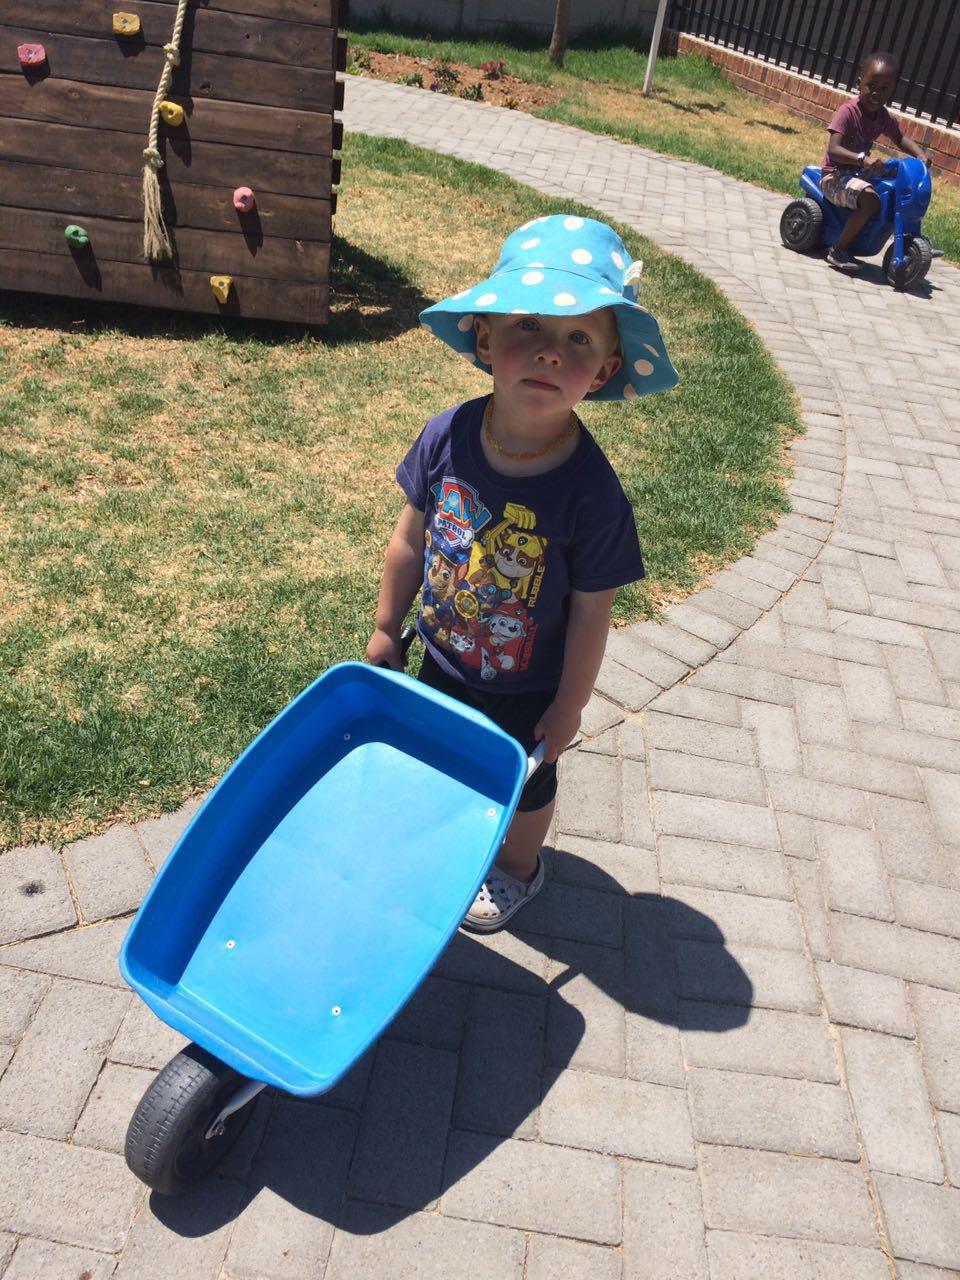 Outdoor Fun In The Sun At LittleHill Preschool